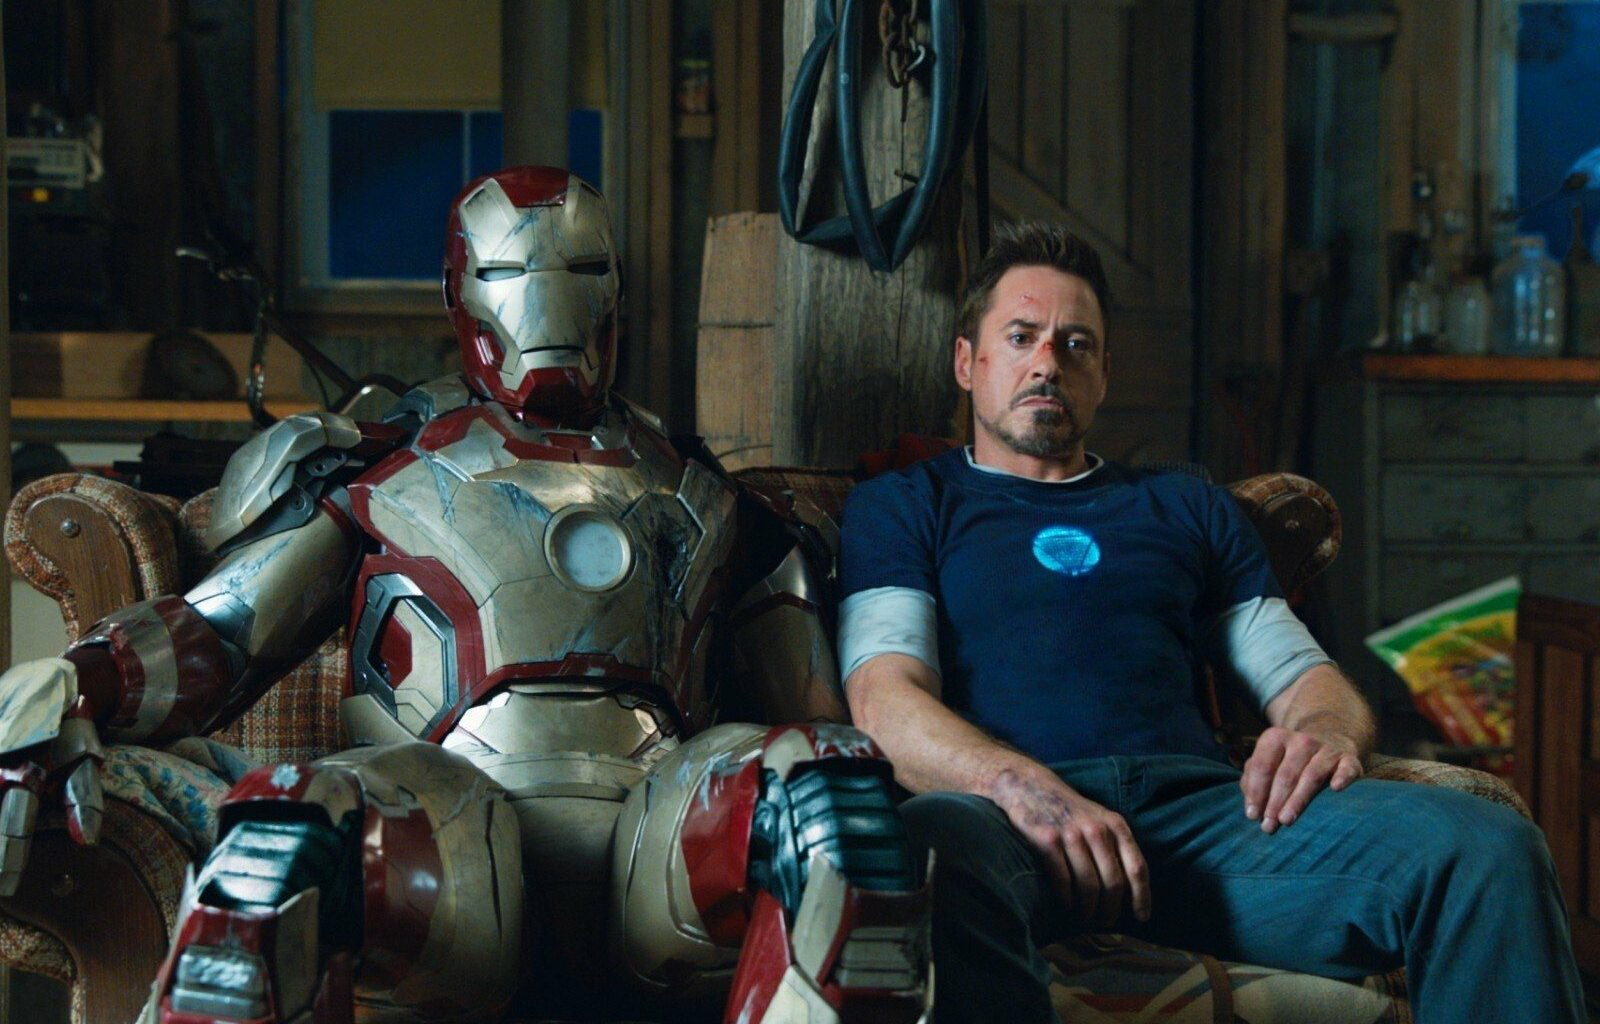 Les meilleures idées de cadeaux pour un fan de Marvel